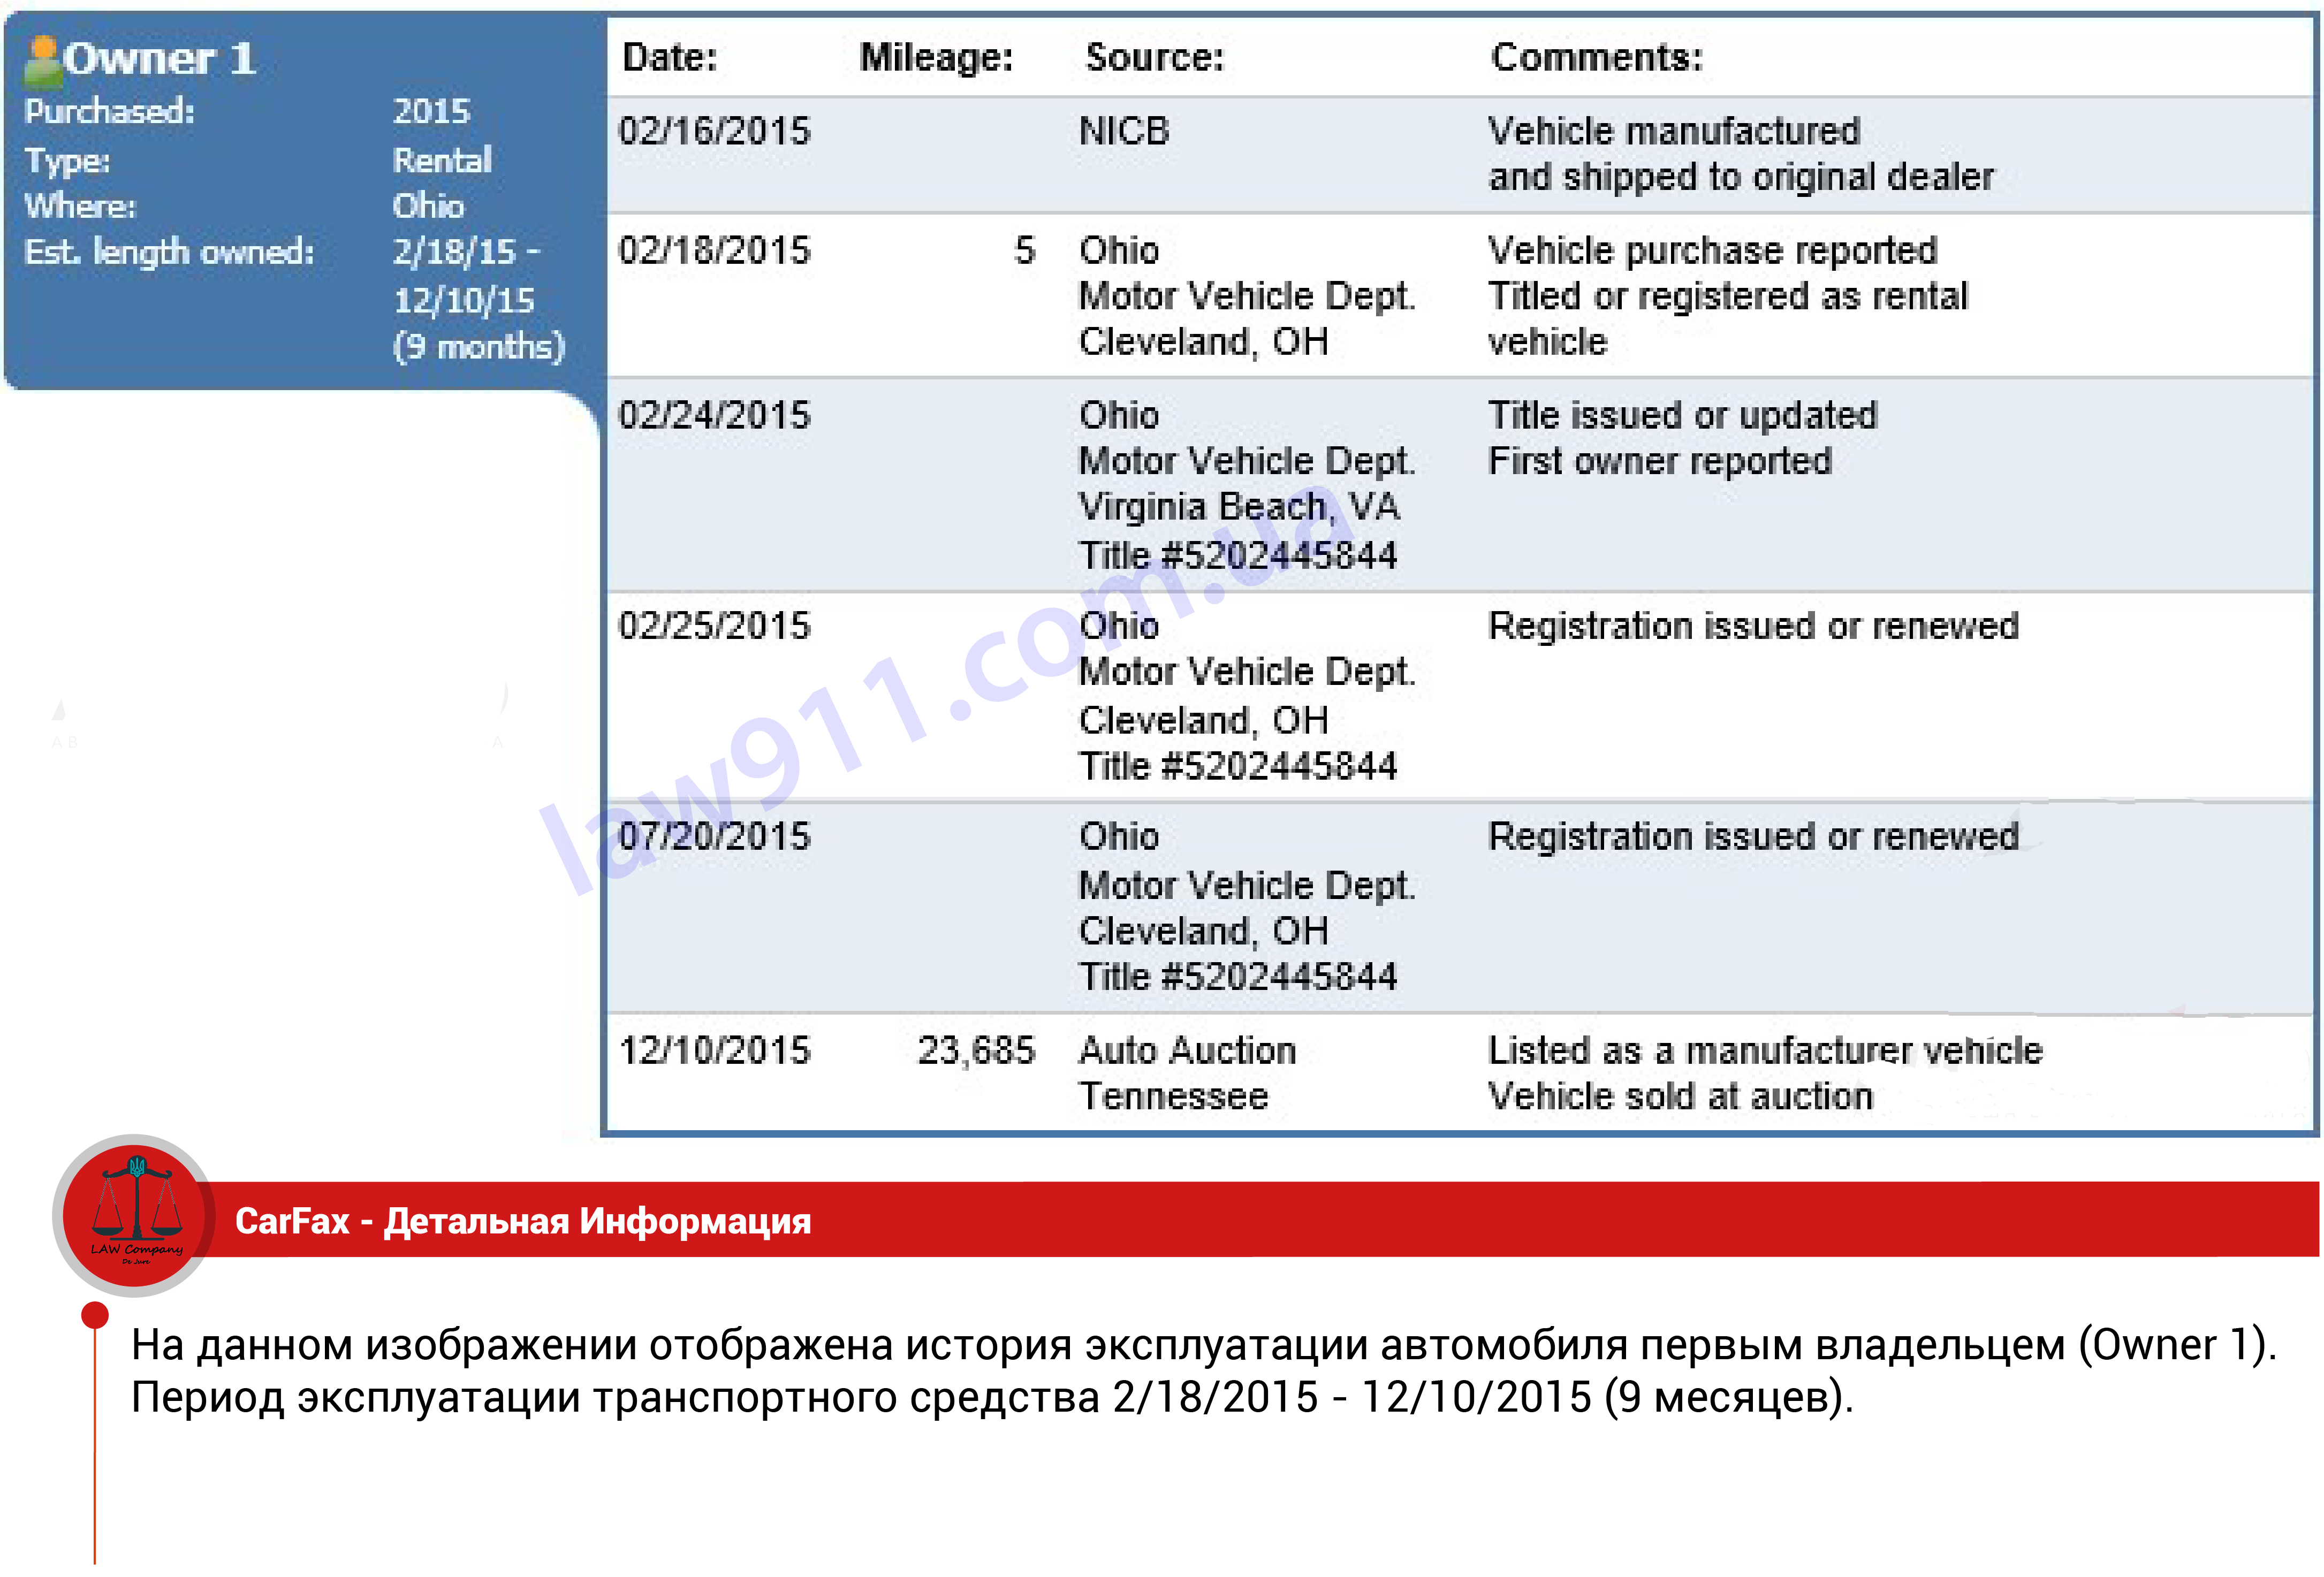 Детальная информация пользования авто 1-им владельцем от Carfax